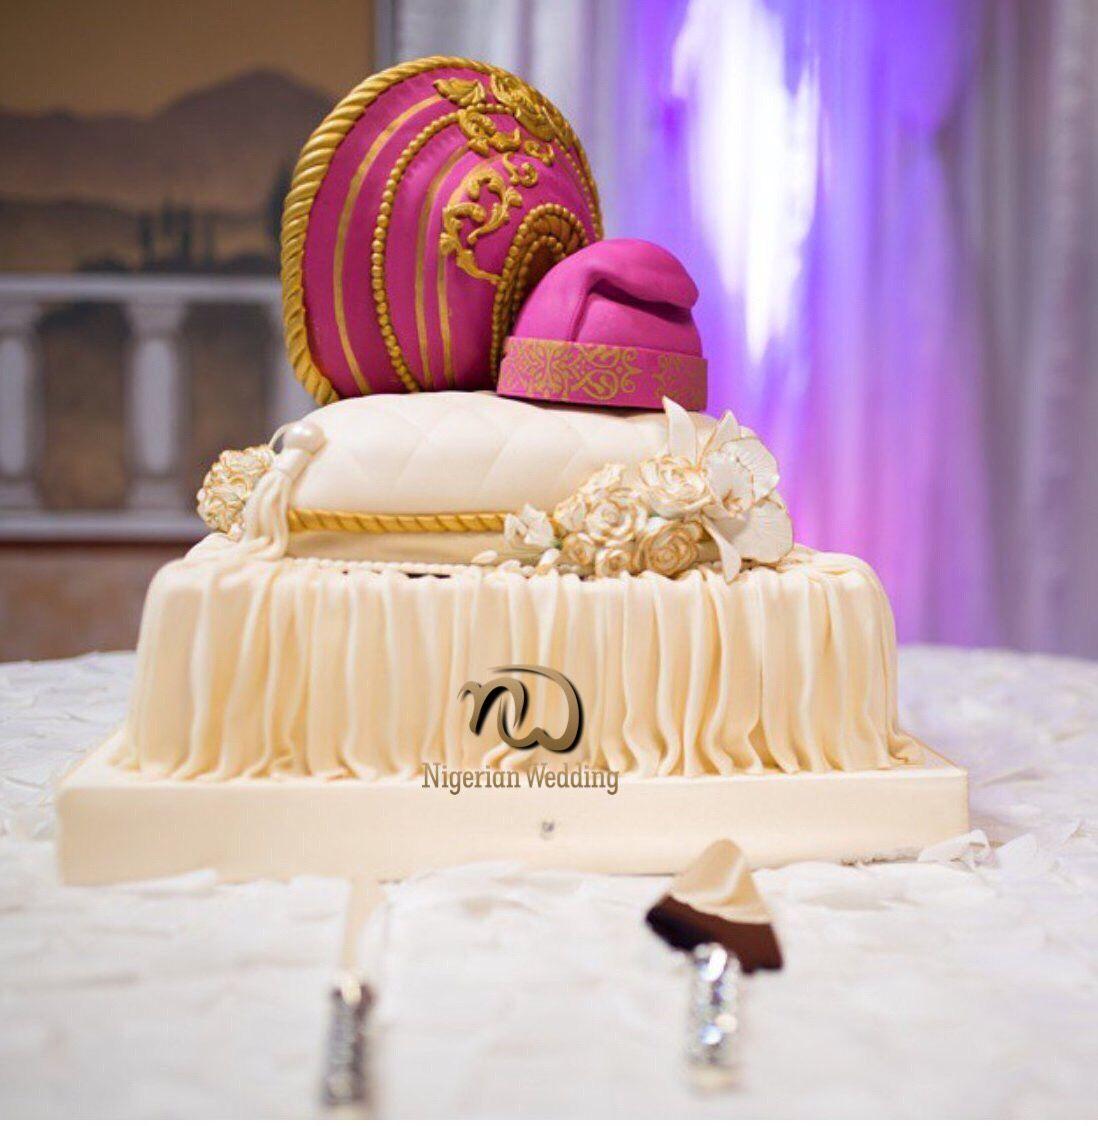 Nigerian traditional wedding decor ideas  Presents  Traditional Wedding Cake Ideas  Pinterest